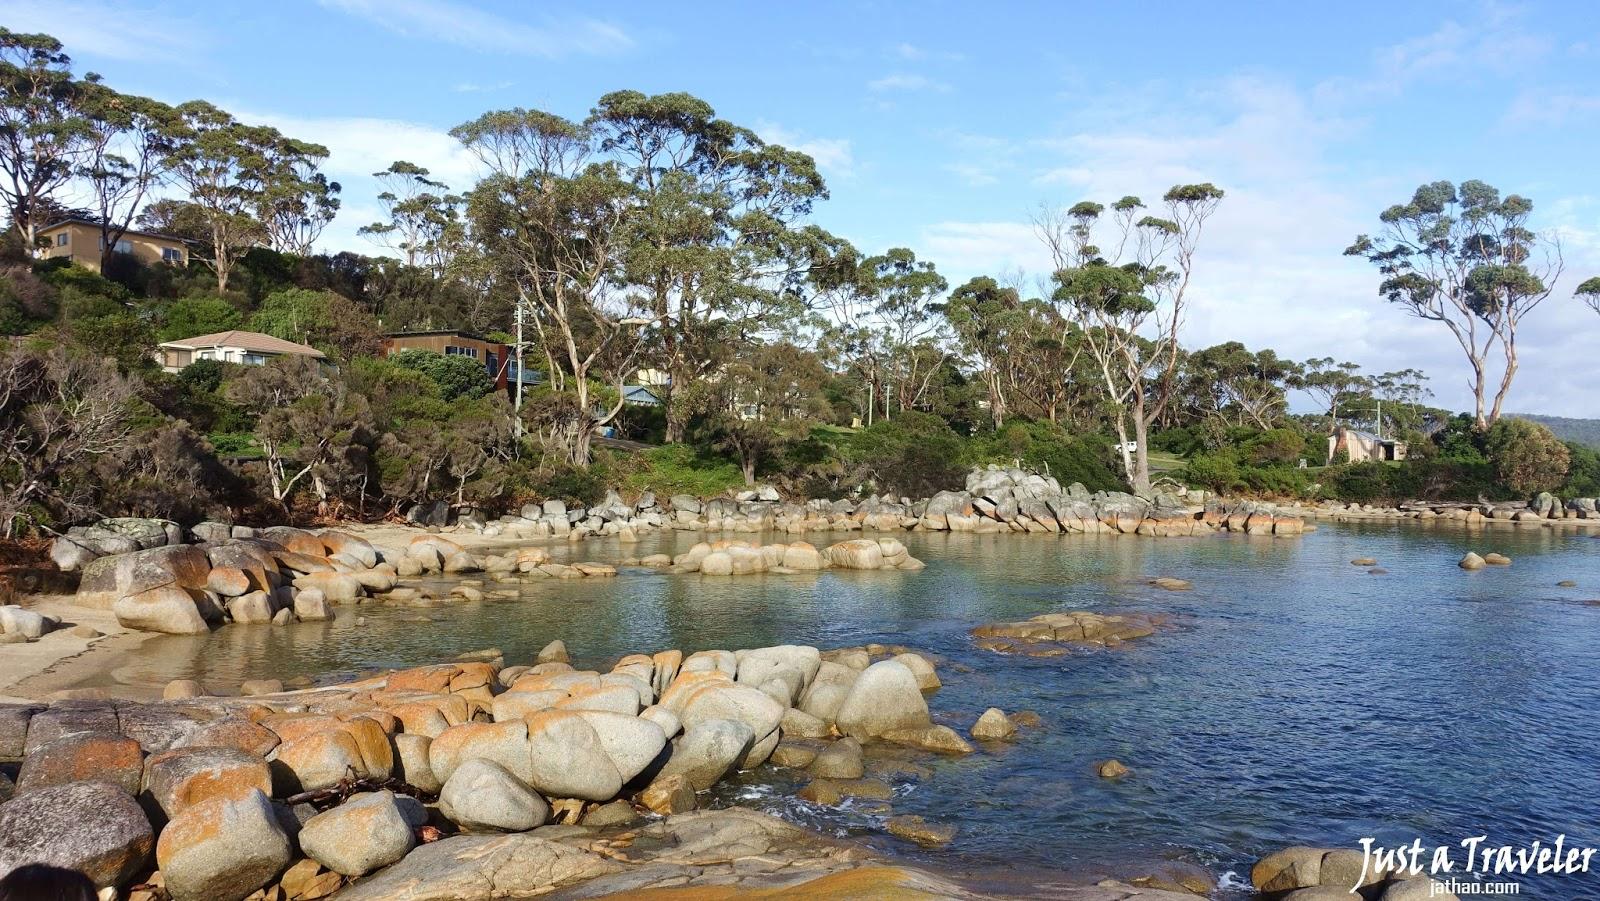 澳洲-旅遊-自由行-景點-觀光-推薦-地圖-雪梨-墨爾本-布里斯本-黃金海岸-凱恩斯-塔斯馬尼亞-火焰灣-Australia-Melbourne-Sydney-Gold-Coast-Brisbane-Tasmania-Cairns